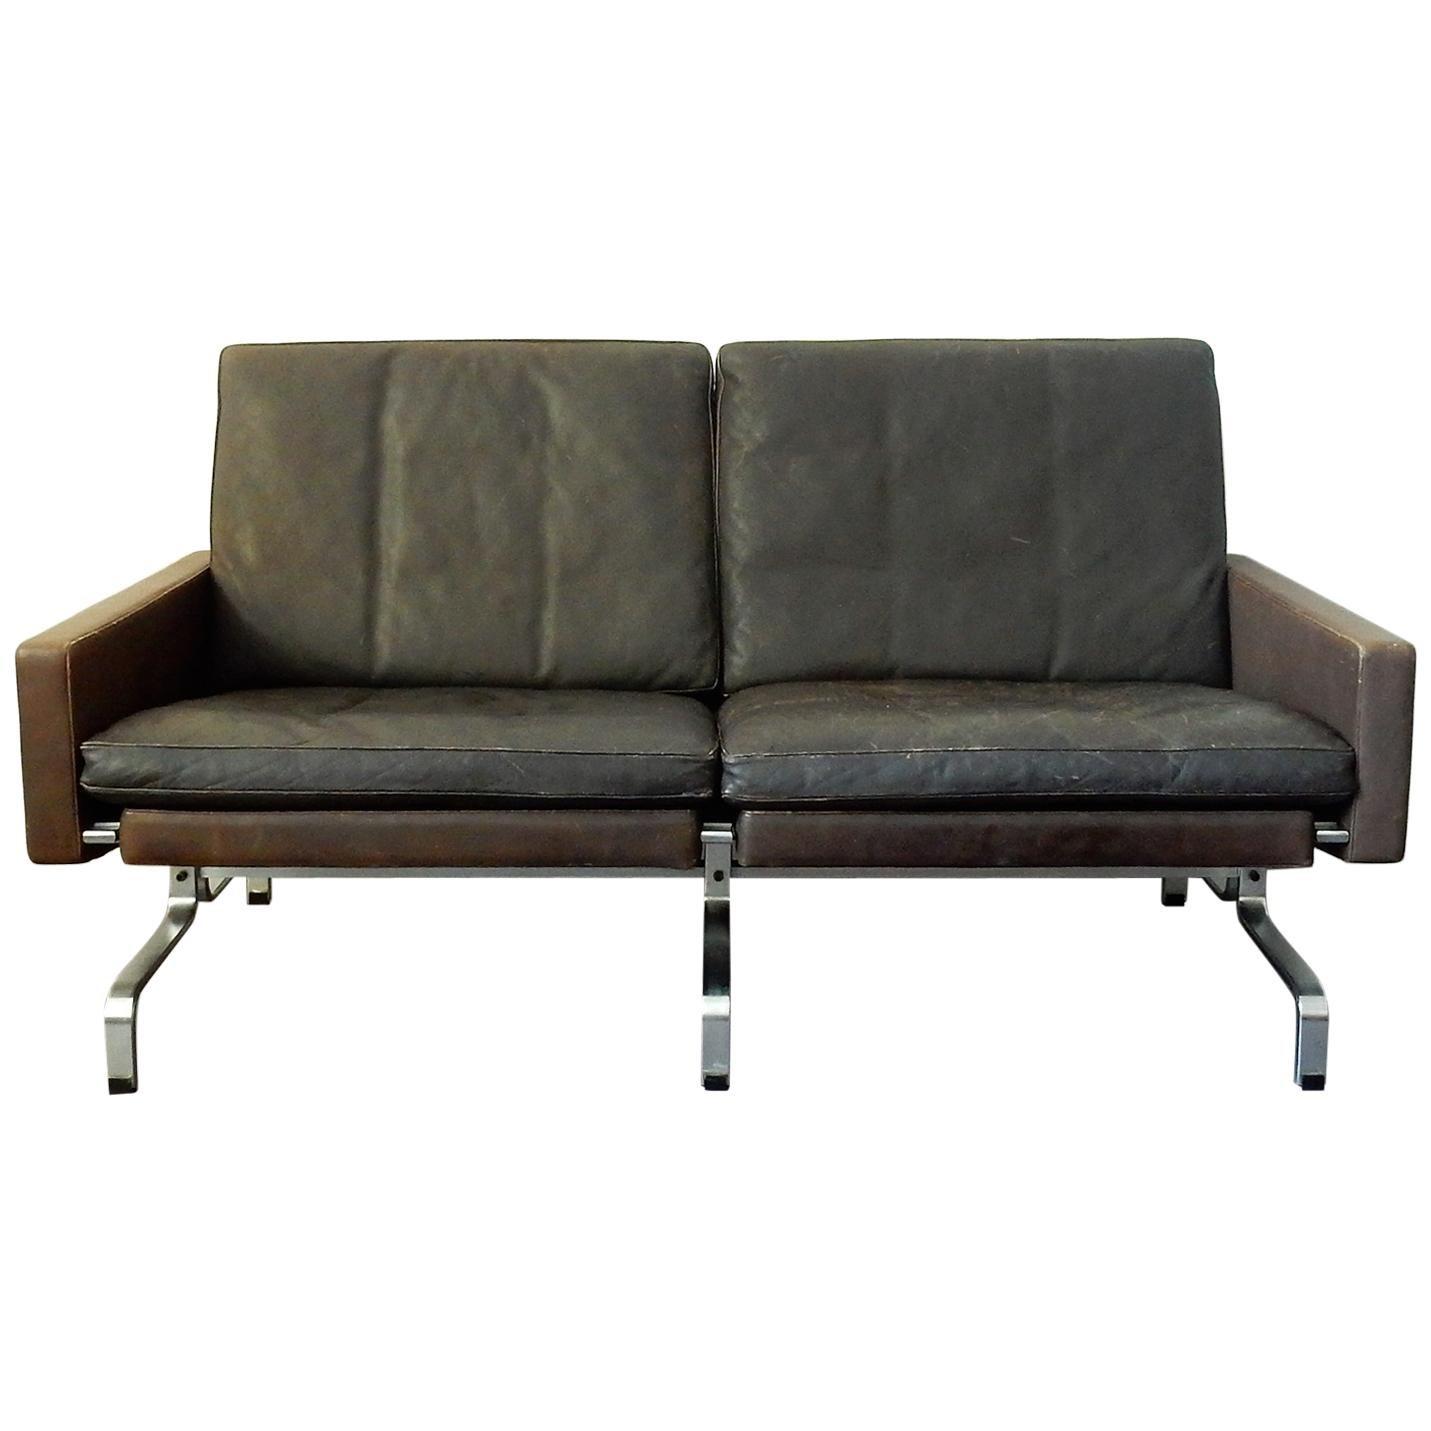 PK-31/2 Leather Sofa by Poul Kjaerholm for E. Kold Christensen, 1958, Denmark